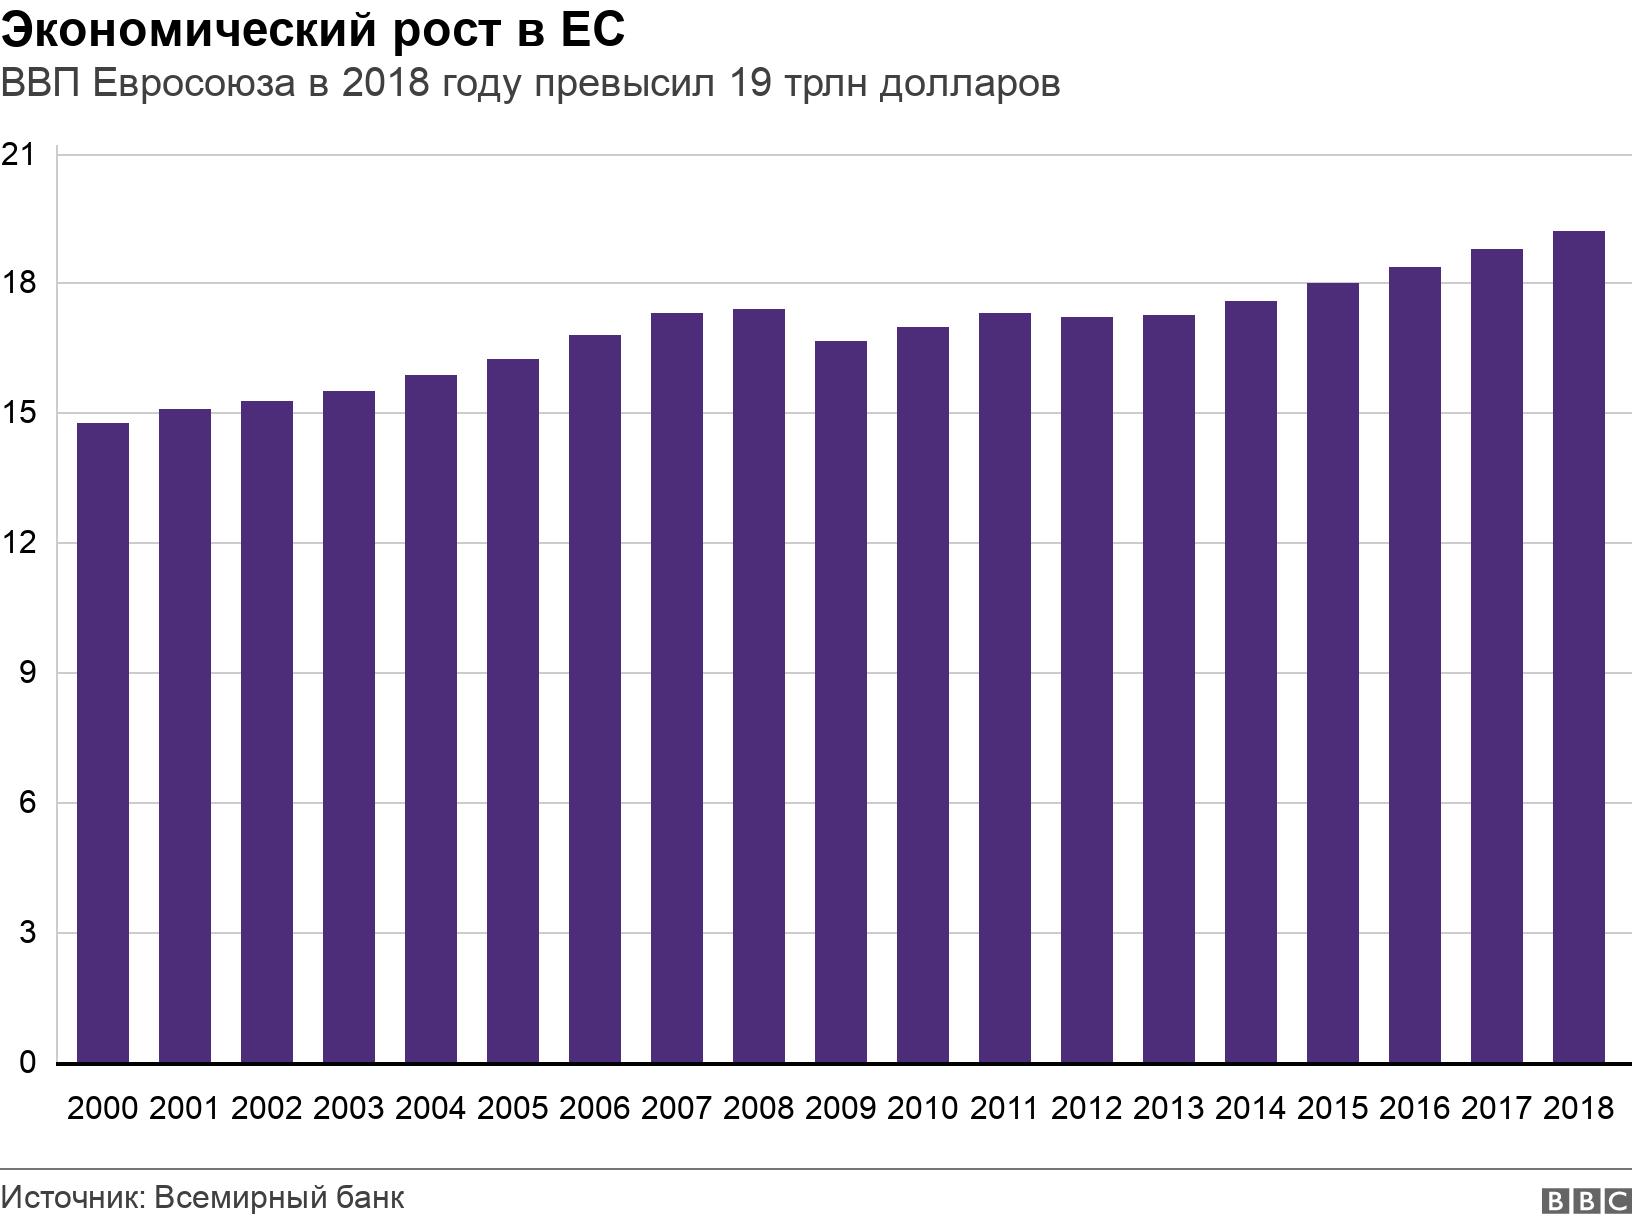 Экономический рост в ЕС. ВВП Евросоюза в 2018 году превысил 19 трлн долларов.  .